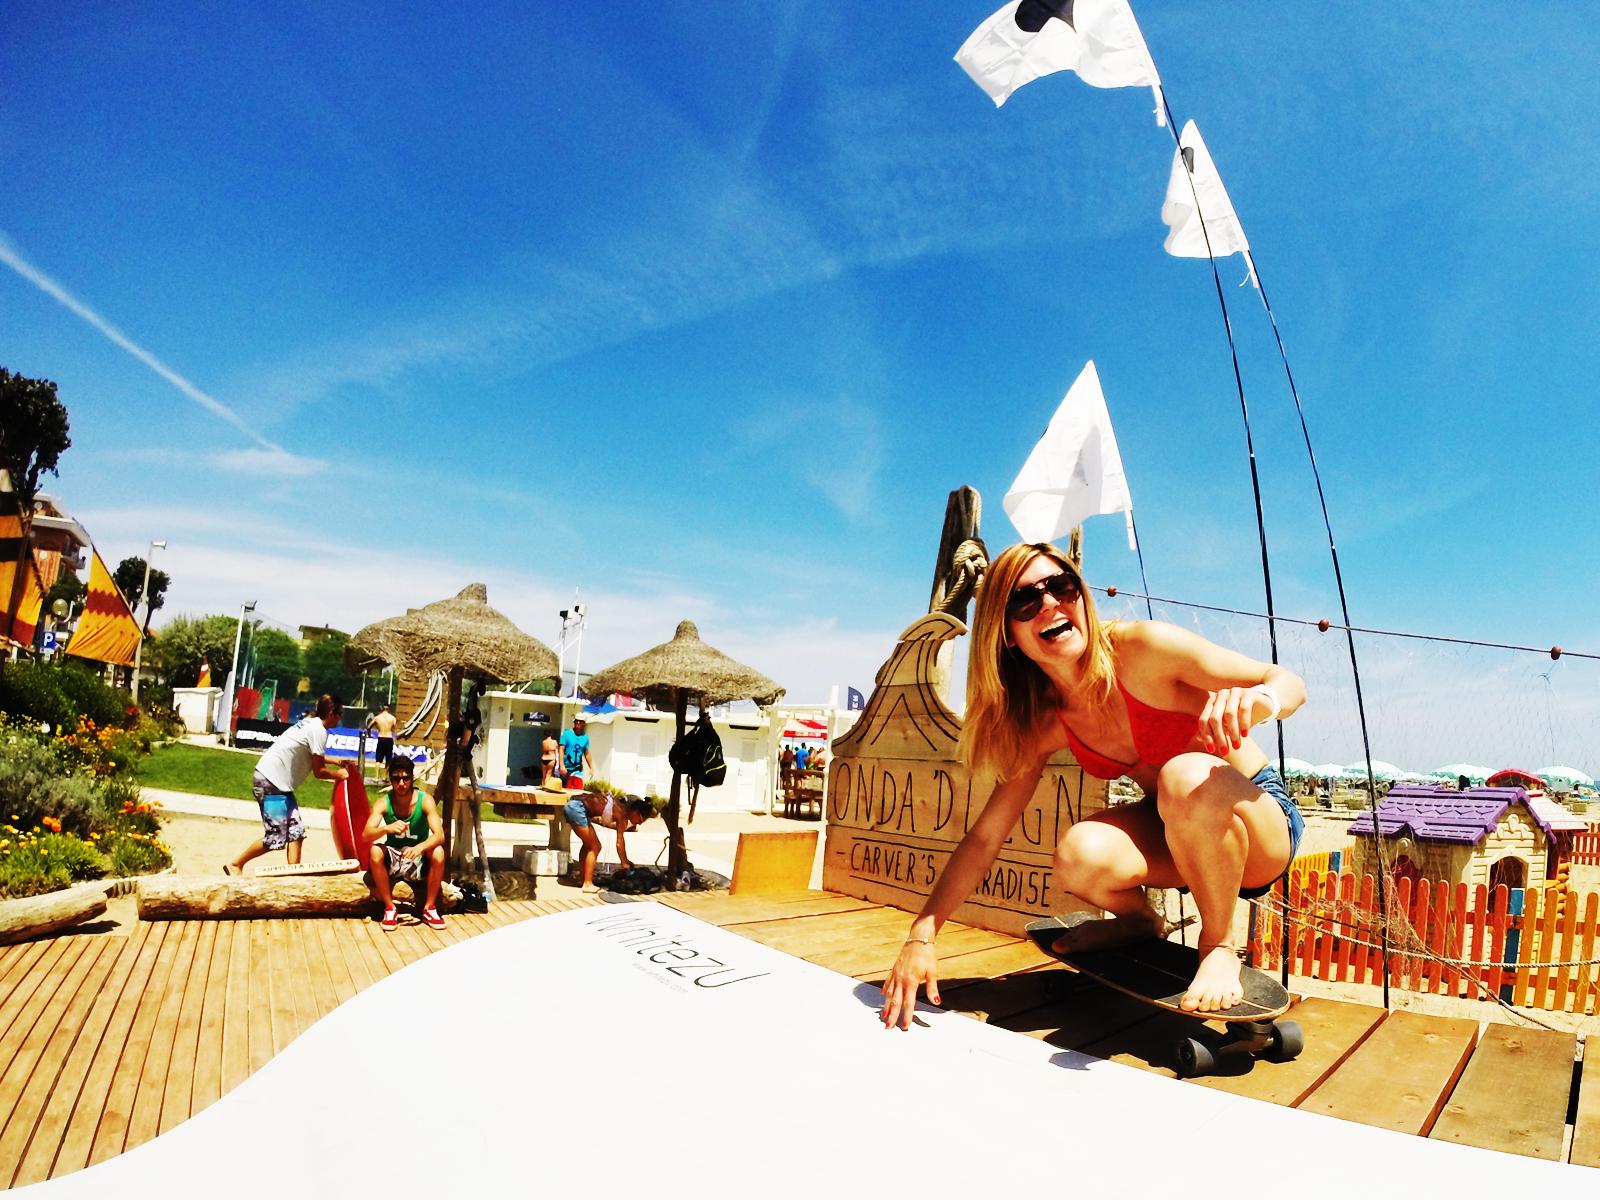 Surfskate Girl Camp